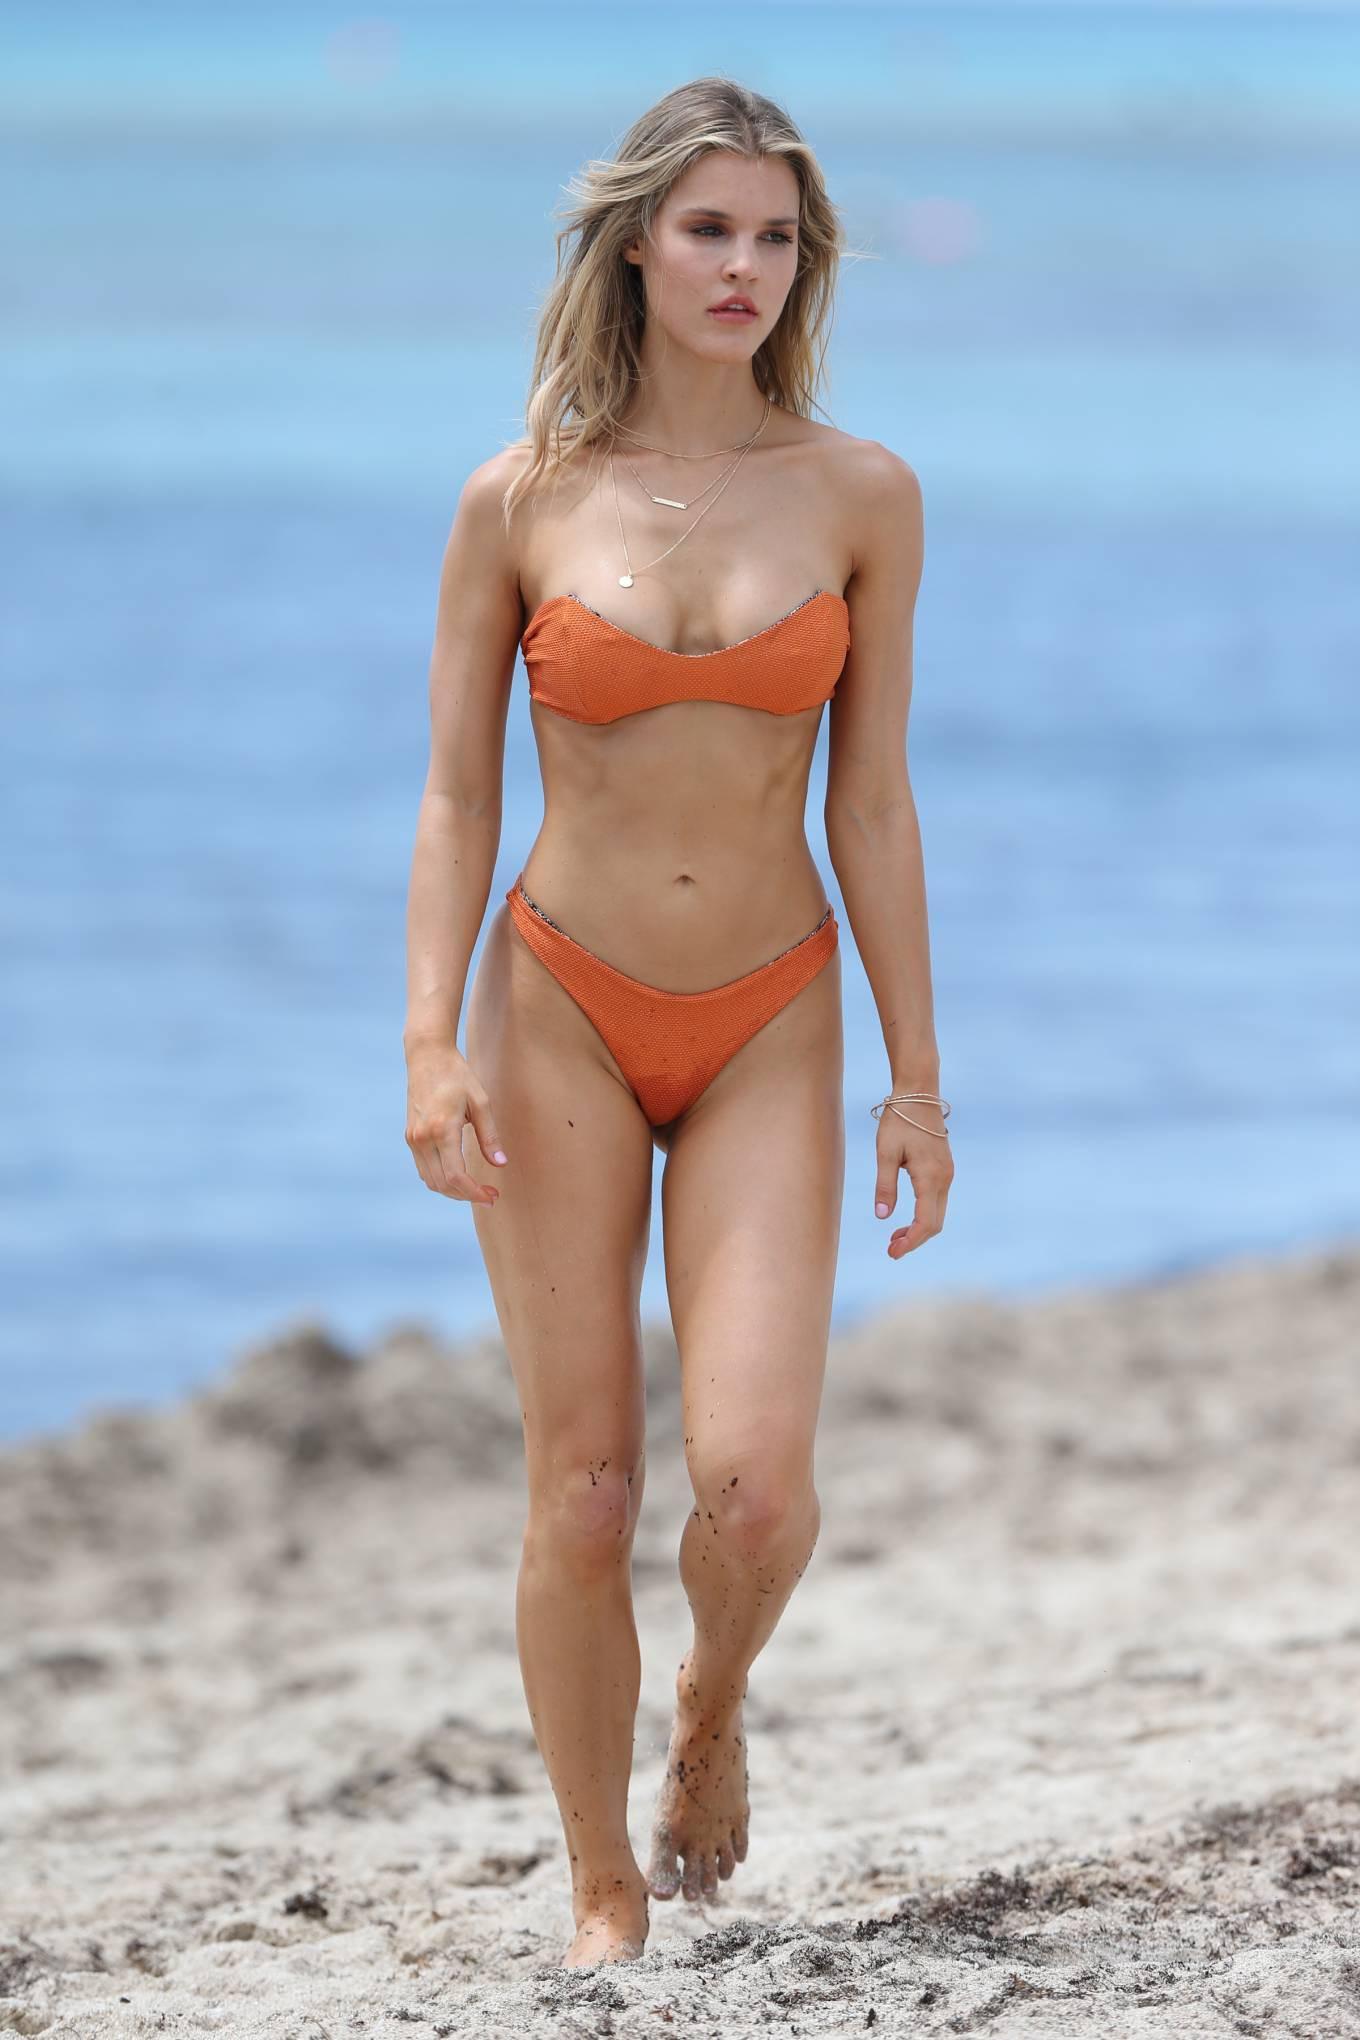 Hậu trường chụp bikini cực nóng bỏng của mẫu 9x Joy Corrigan Ảnh 3